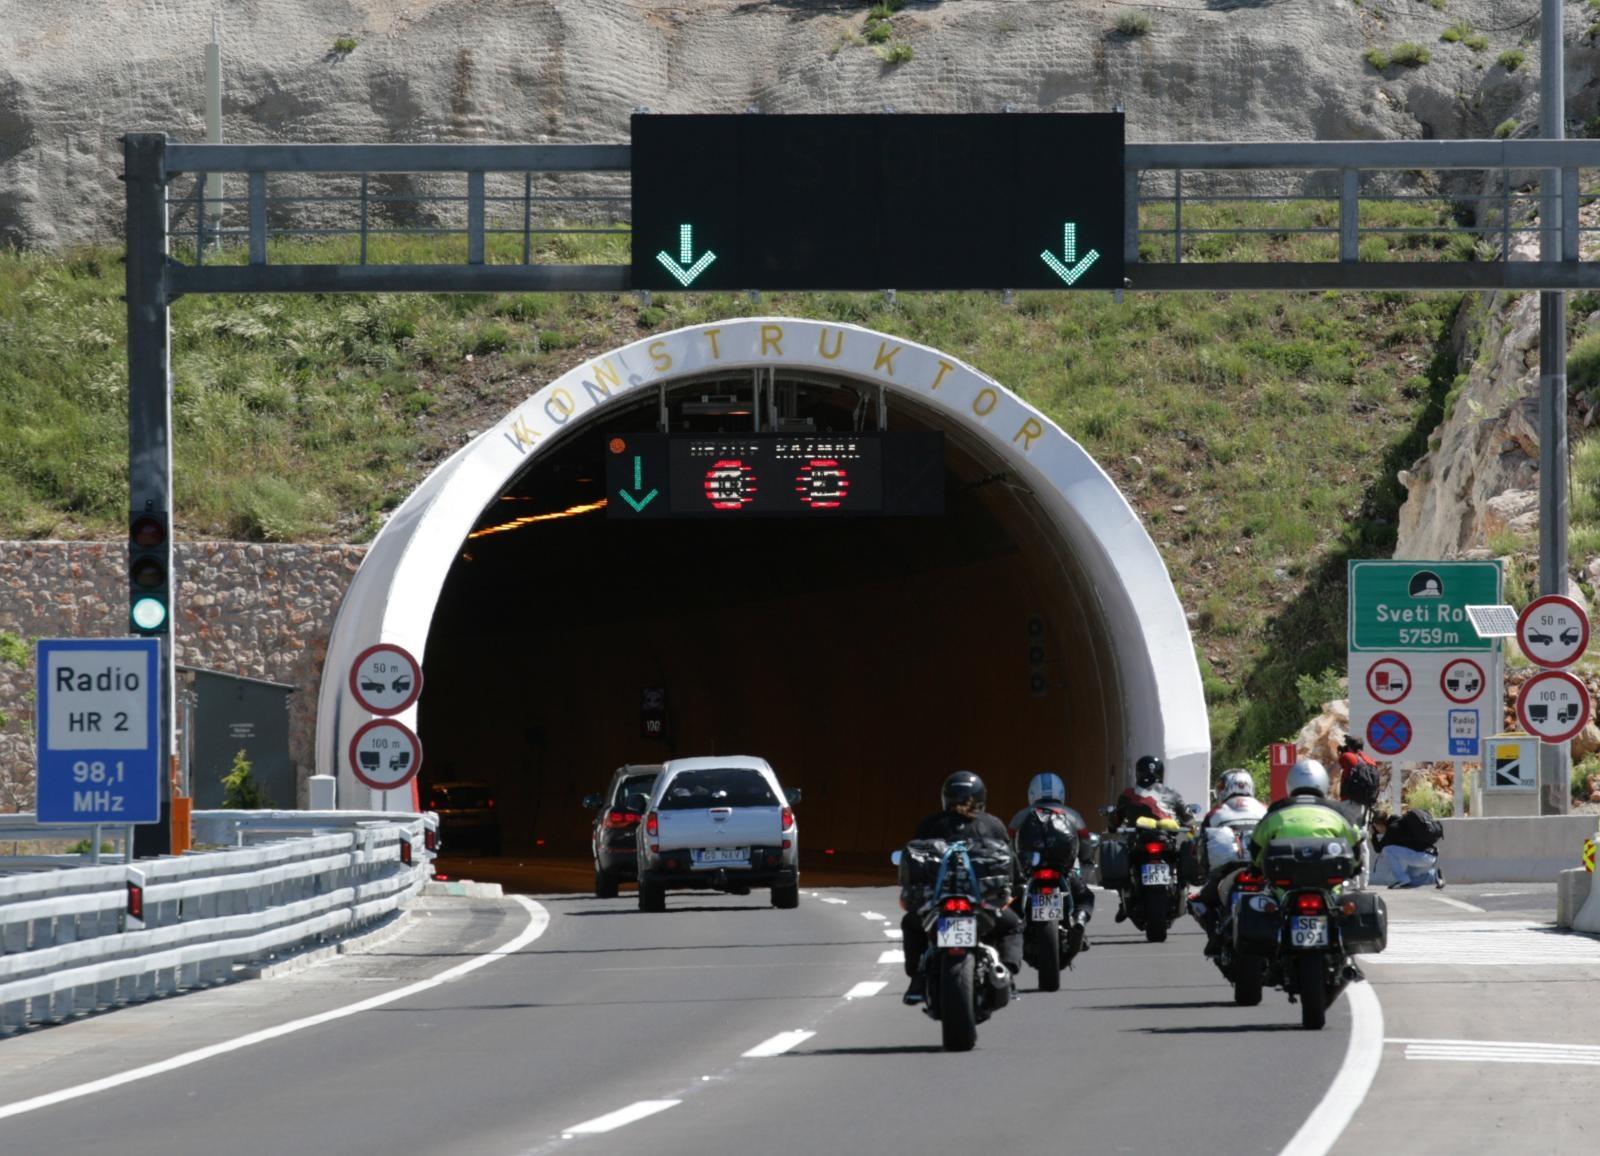 Photo of Teška nesreća u tunelu Sv. Rok, sudarili se autobus i dva osobna vozila